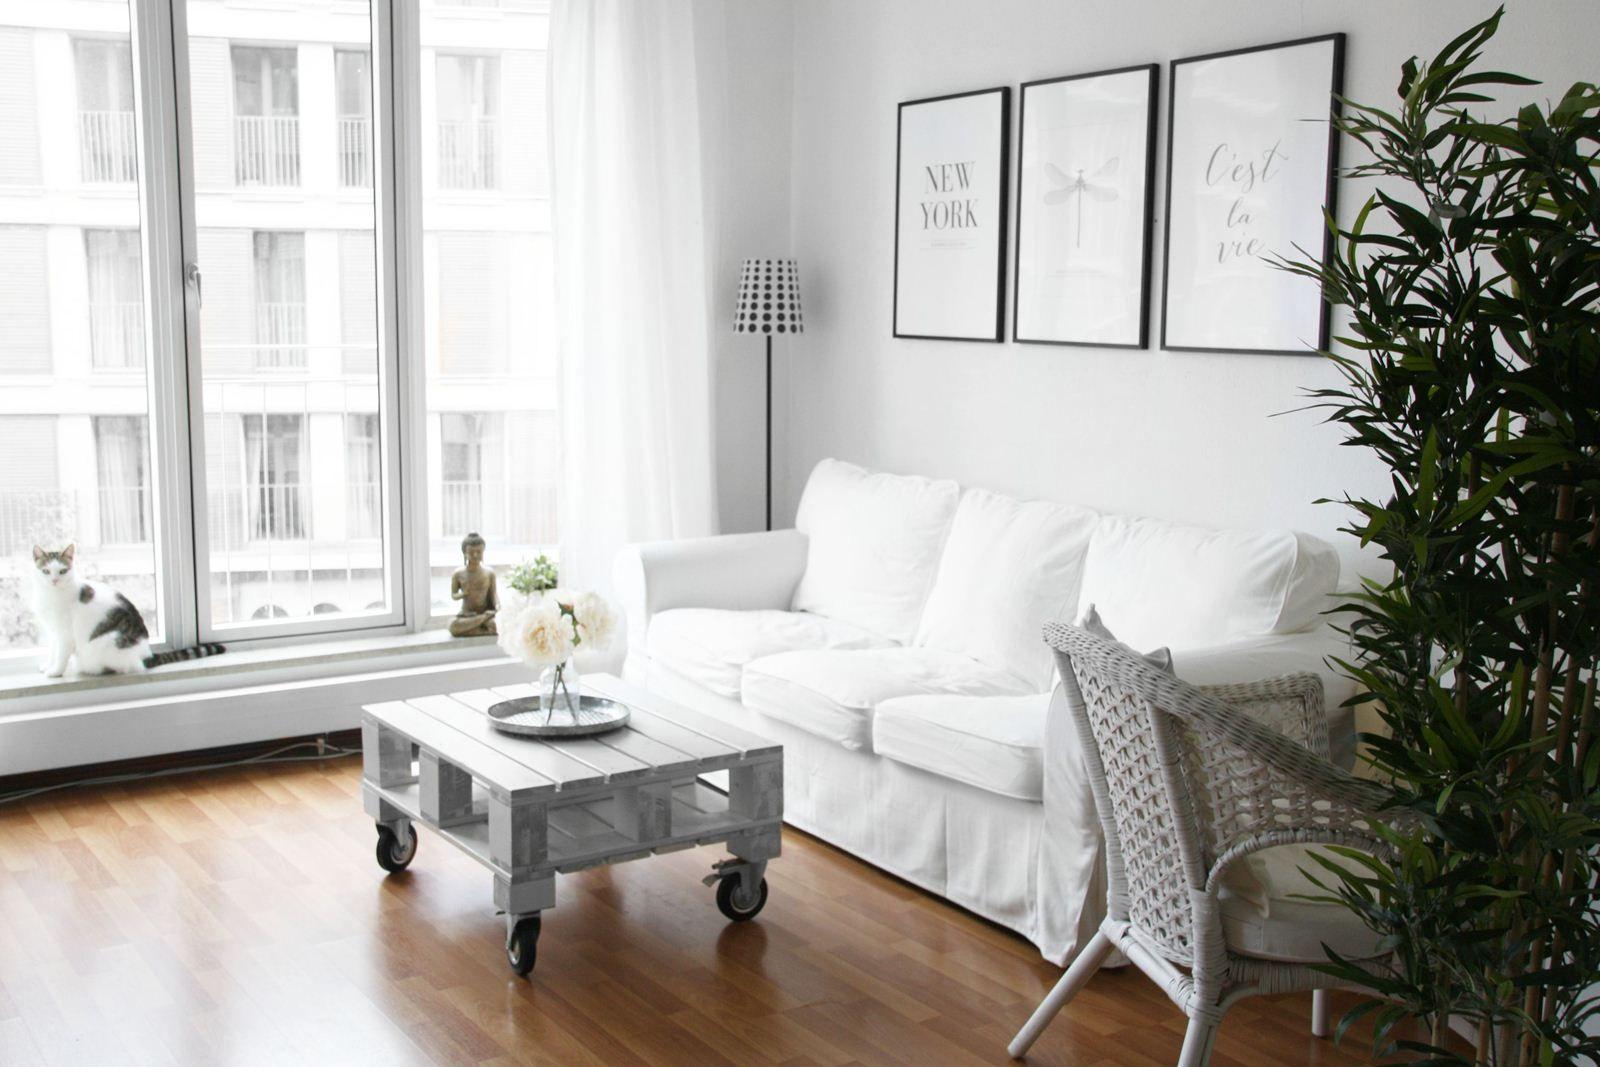 Mein Wohnzimmer | Sofa & Palettentisch | Wohnzimmer | Pinterest